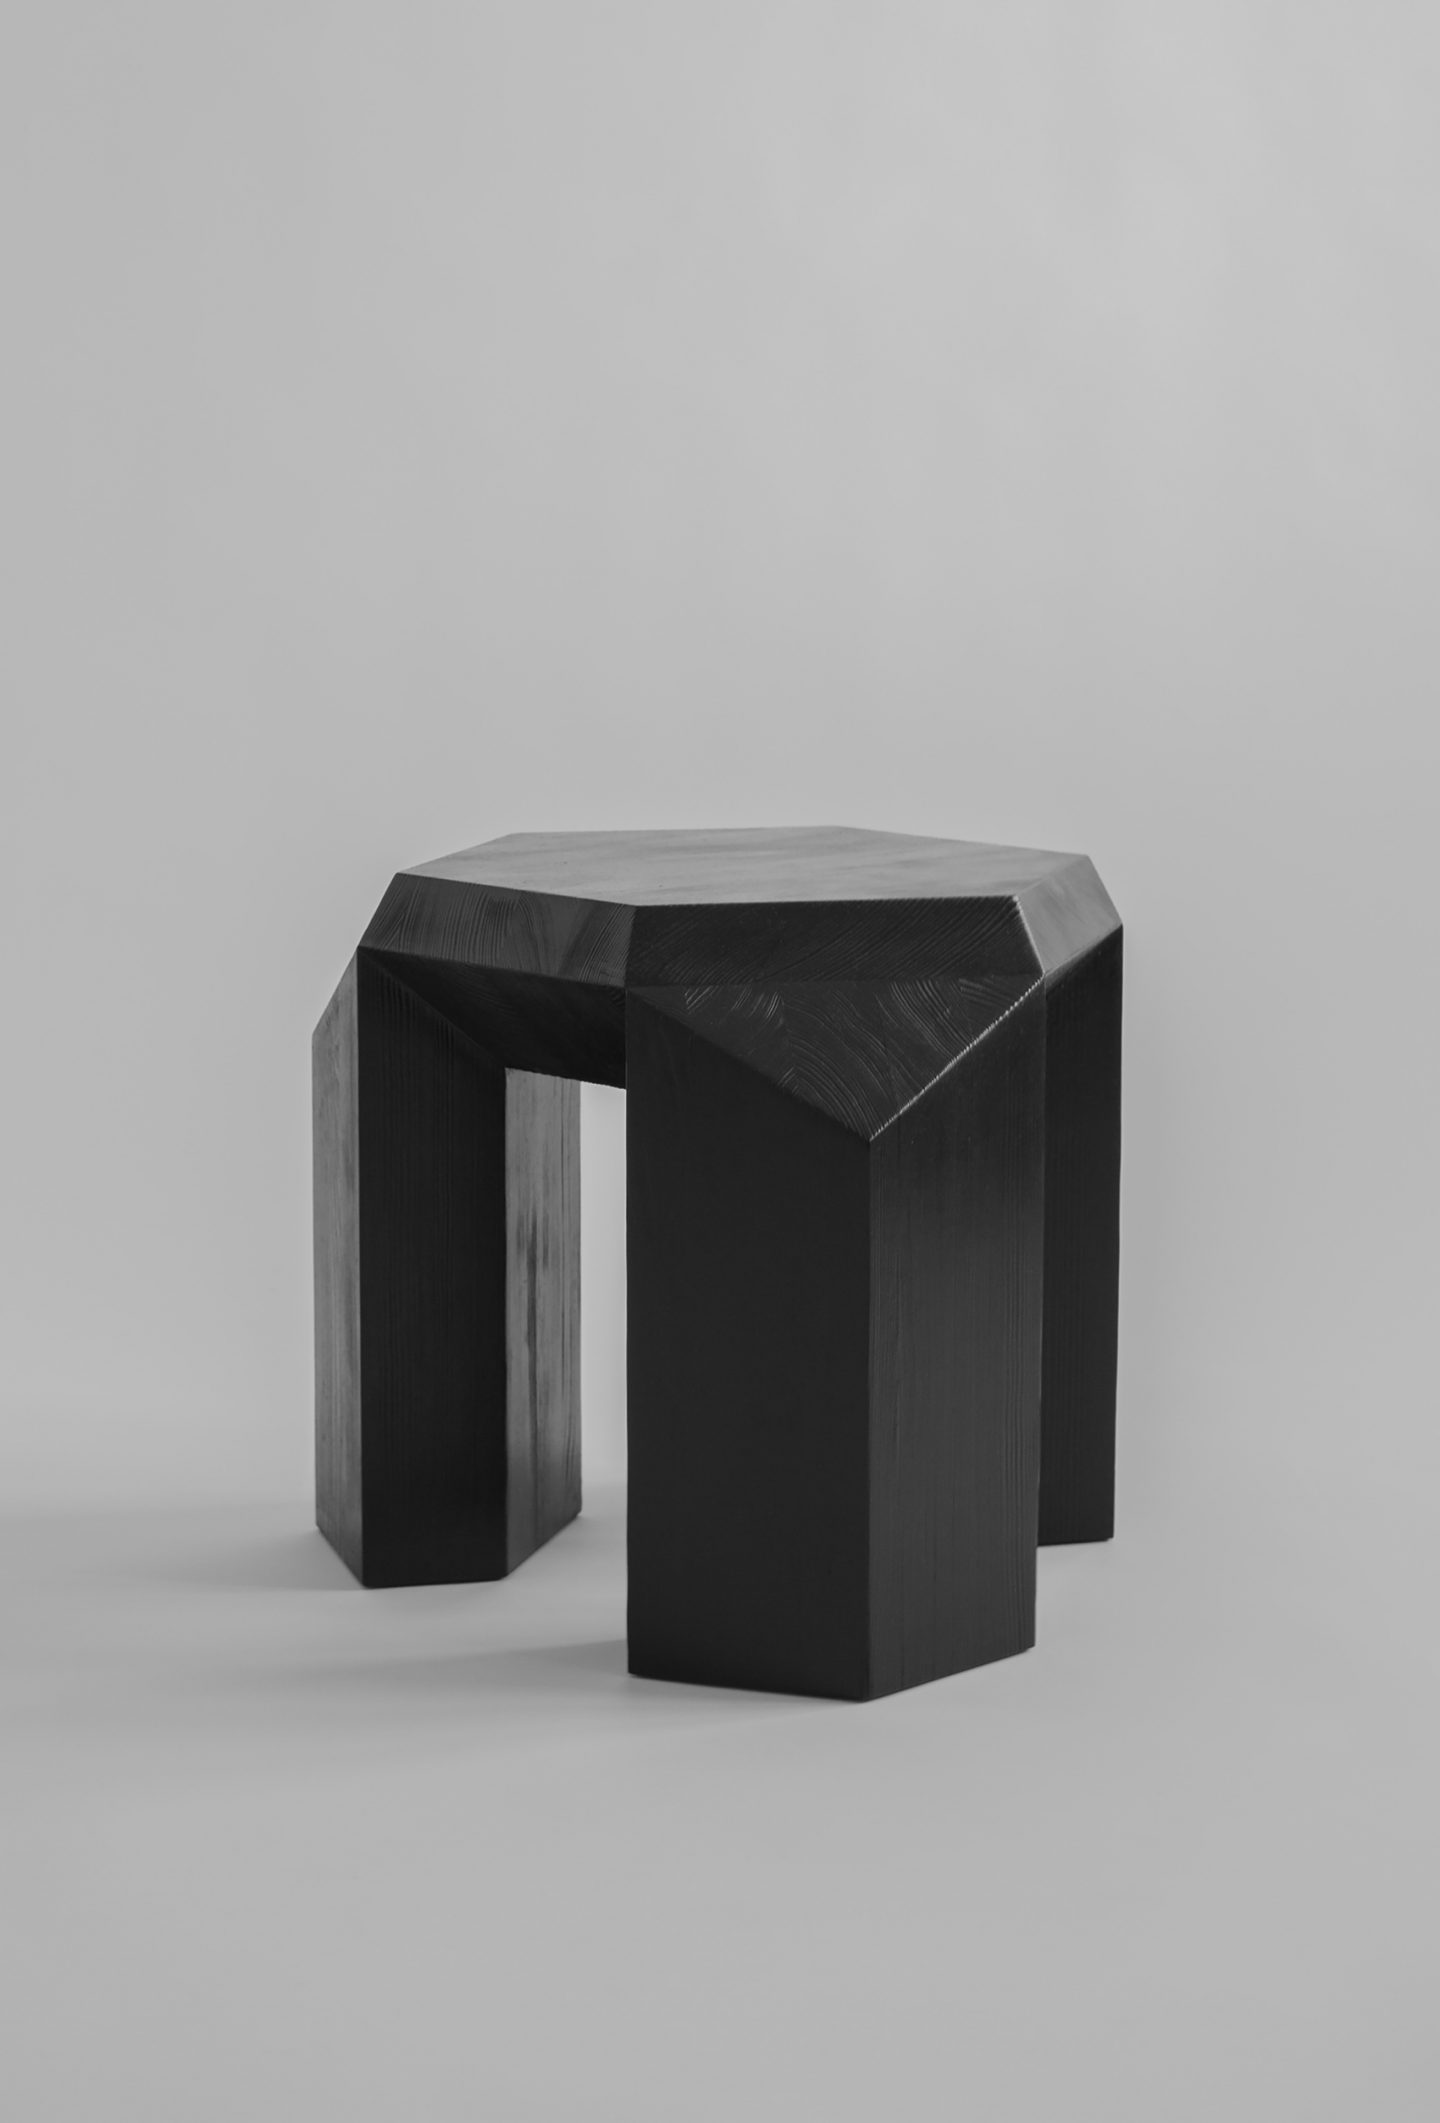 IGNANT-Design-Alexis-6